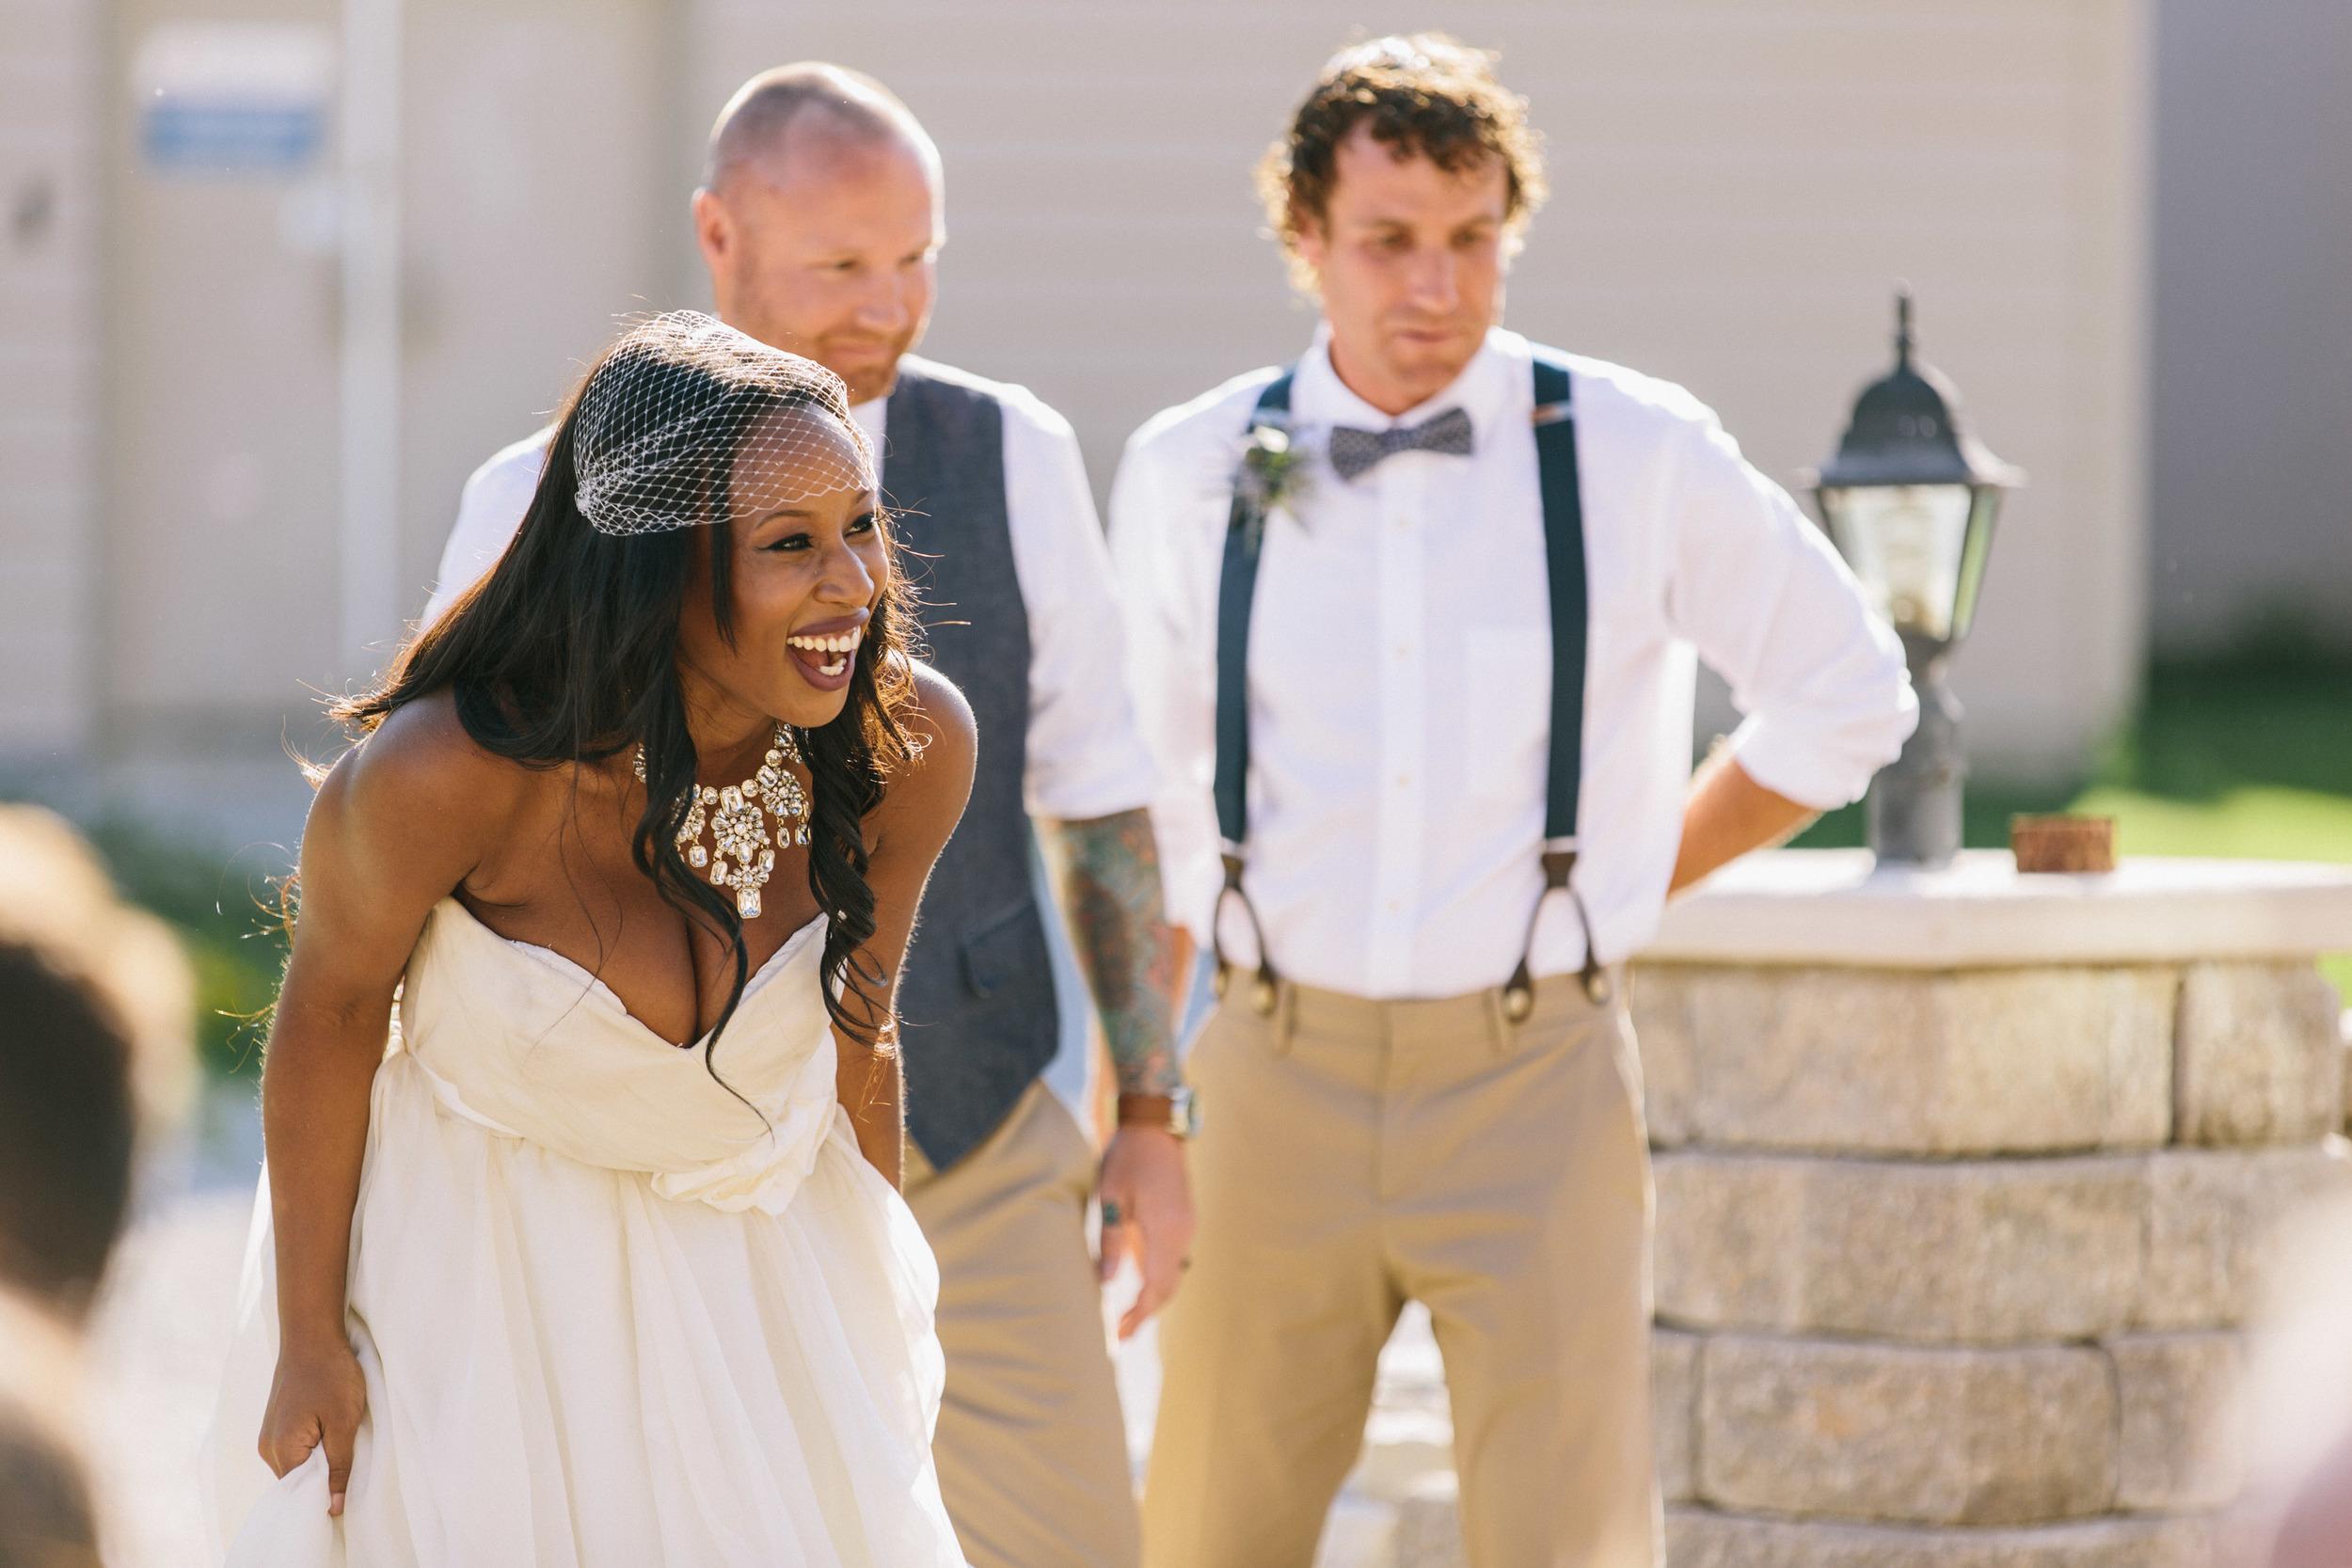 michael-rousseau-photography-shannae-ingleton-wedding-sean-craigleith-ski-club-wedding057.jpg